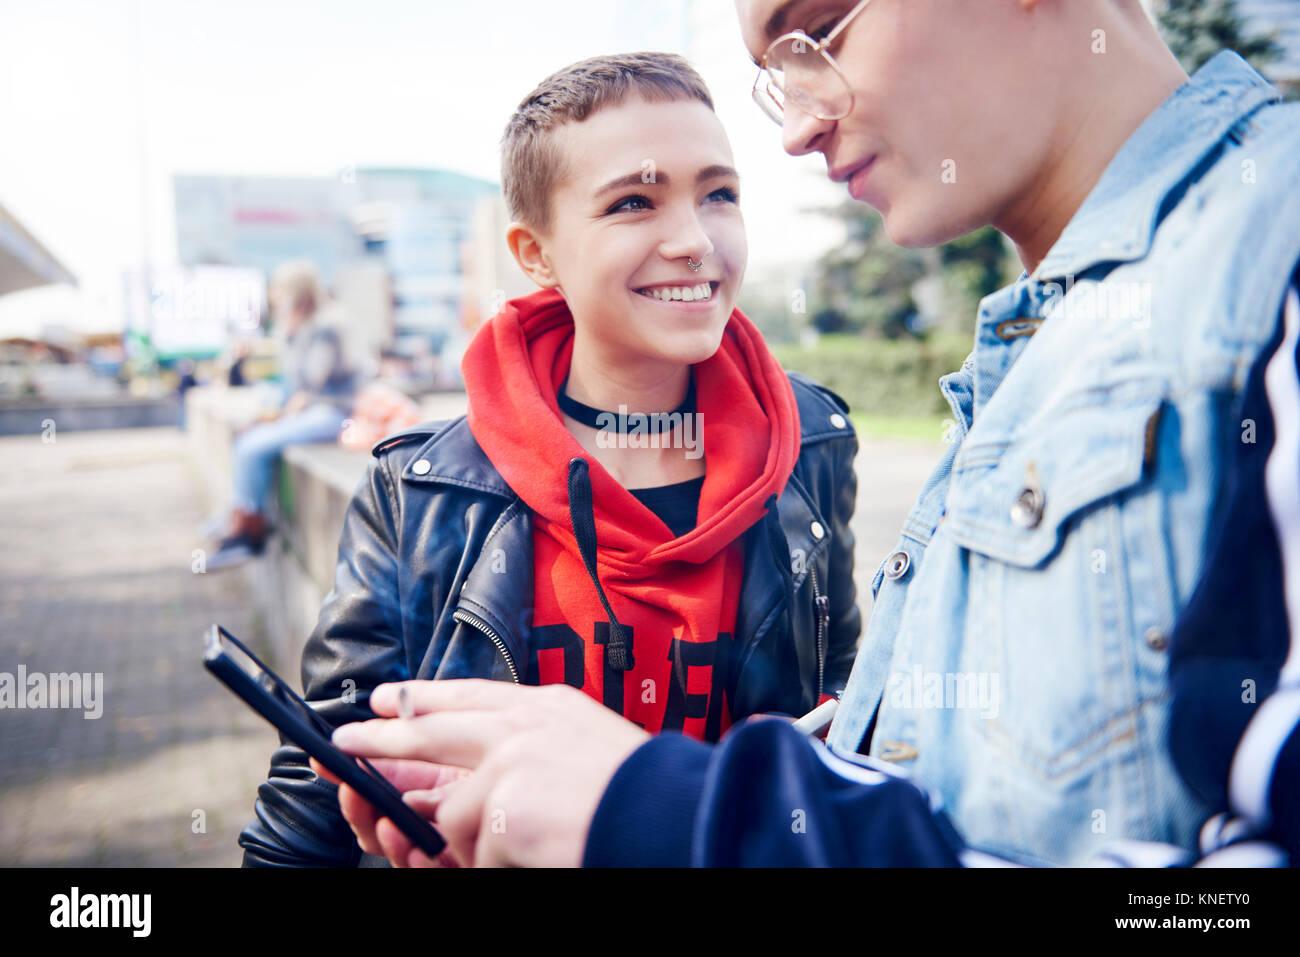 Coppia giovane guardando smartphone nella città Immagini Stock